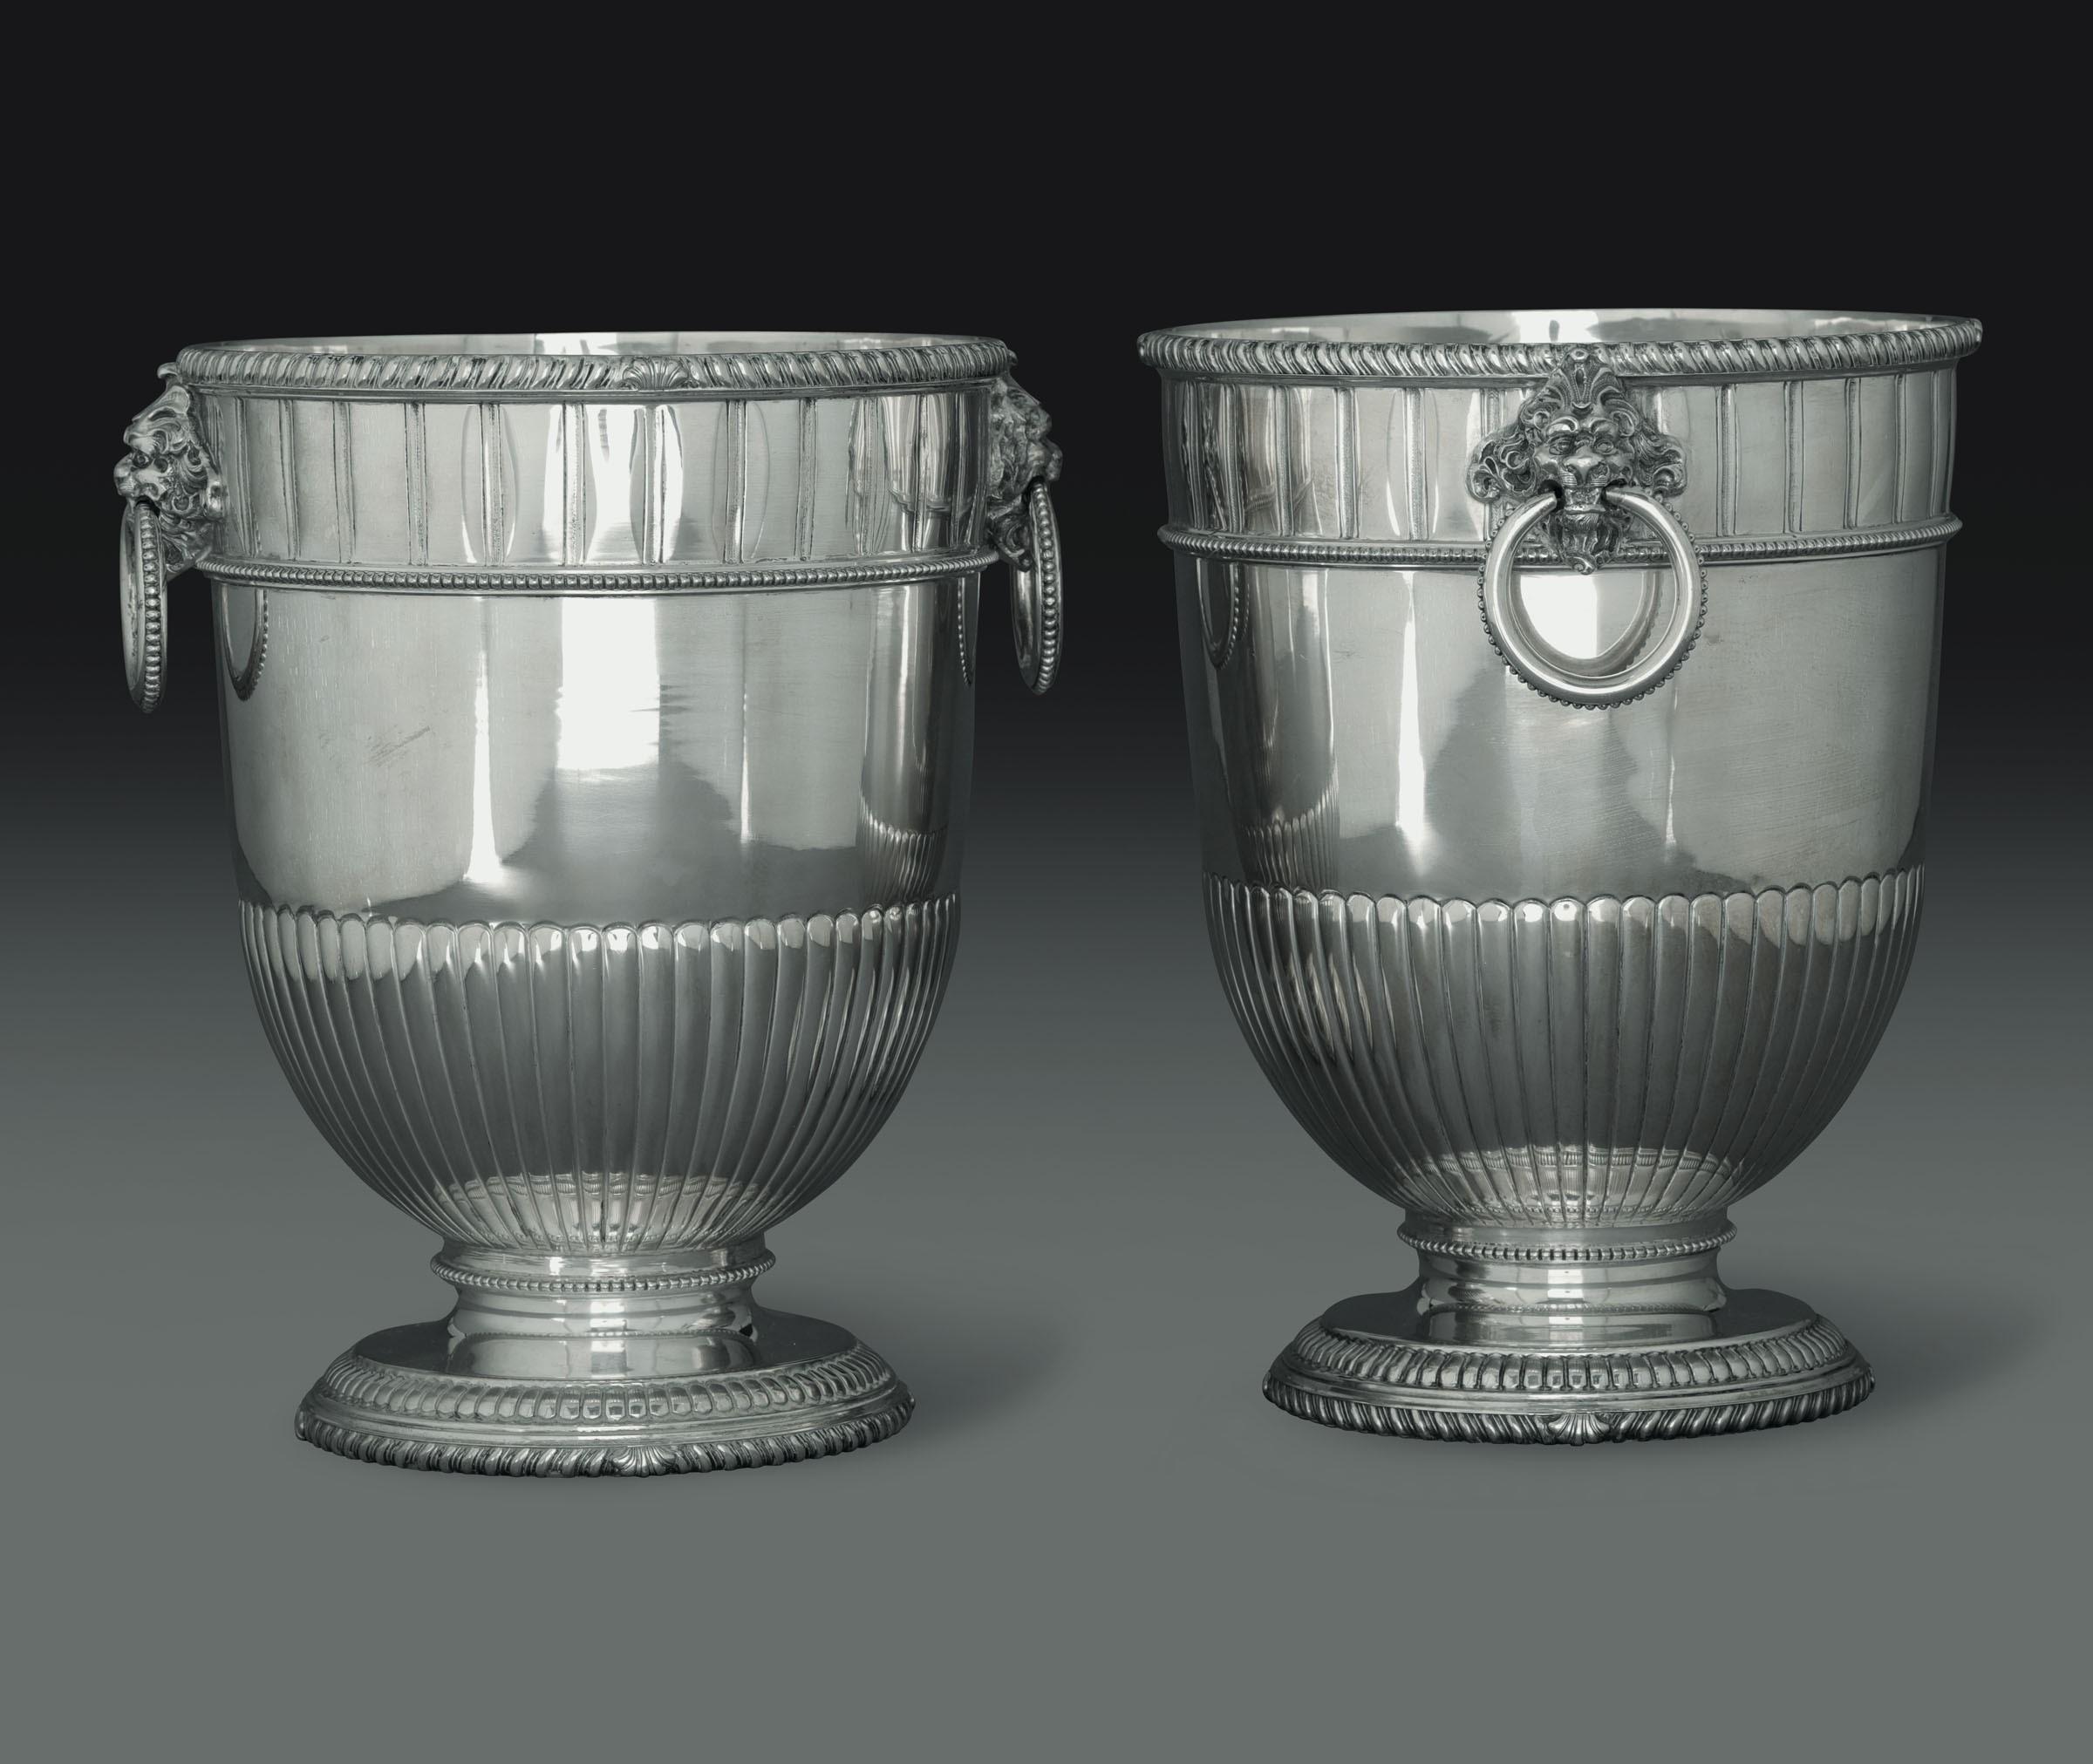 Lot 33 - Coppia di secchielli porta bottiglie in argento. Argenteria artistica italiana. Bolli [...]